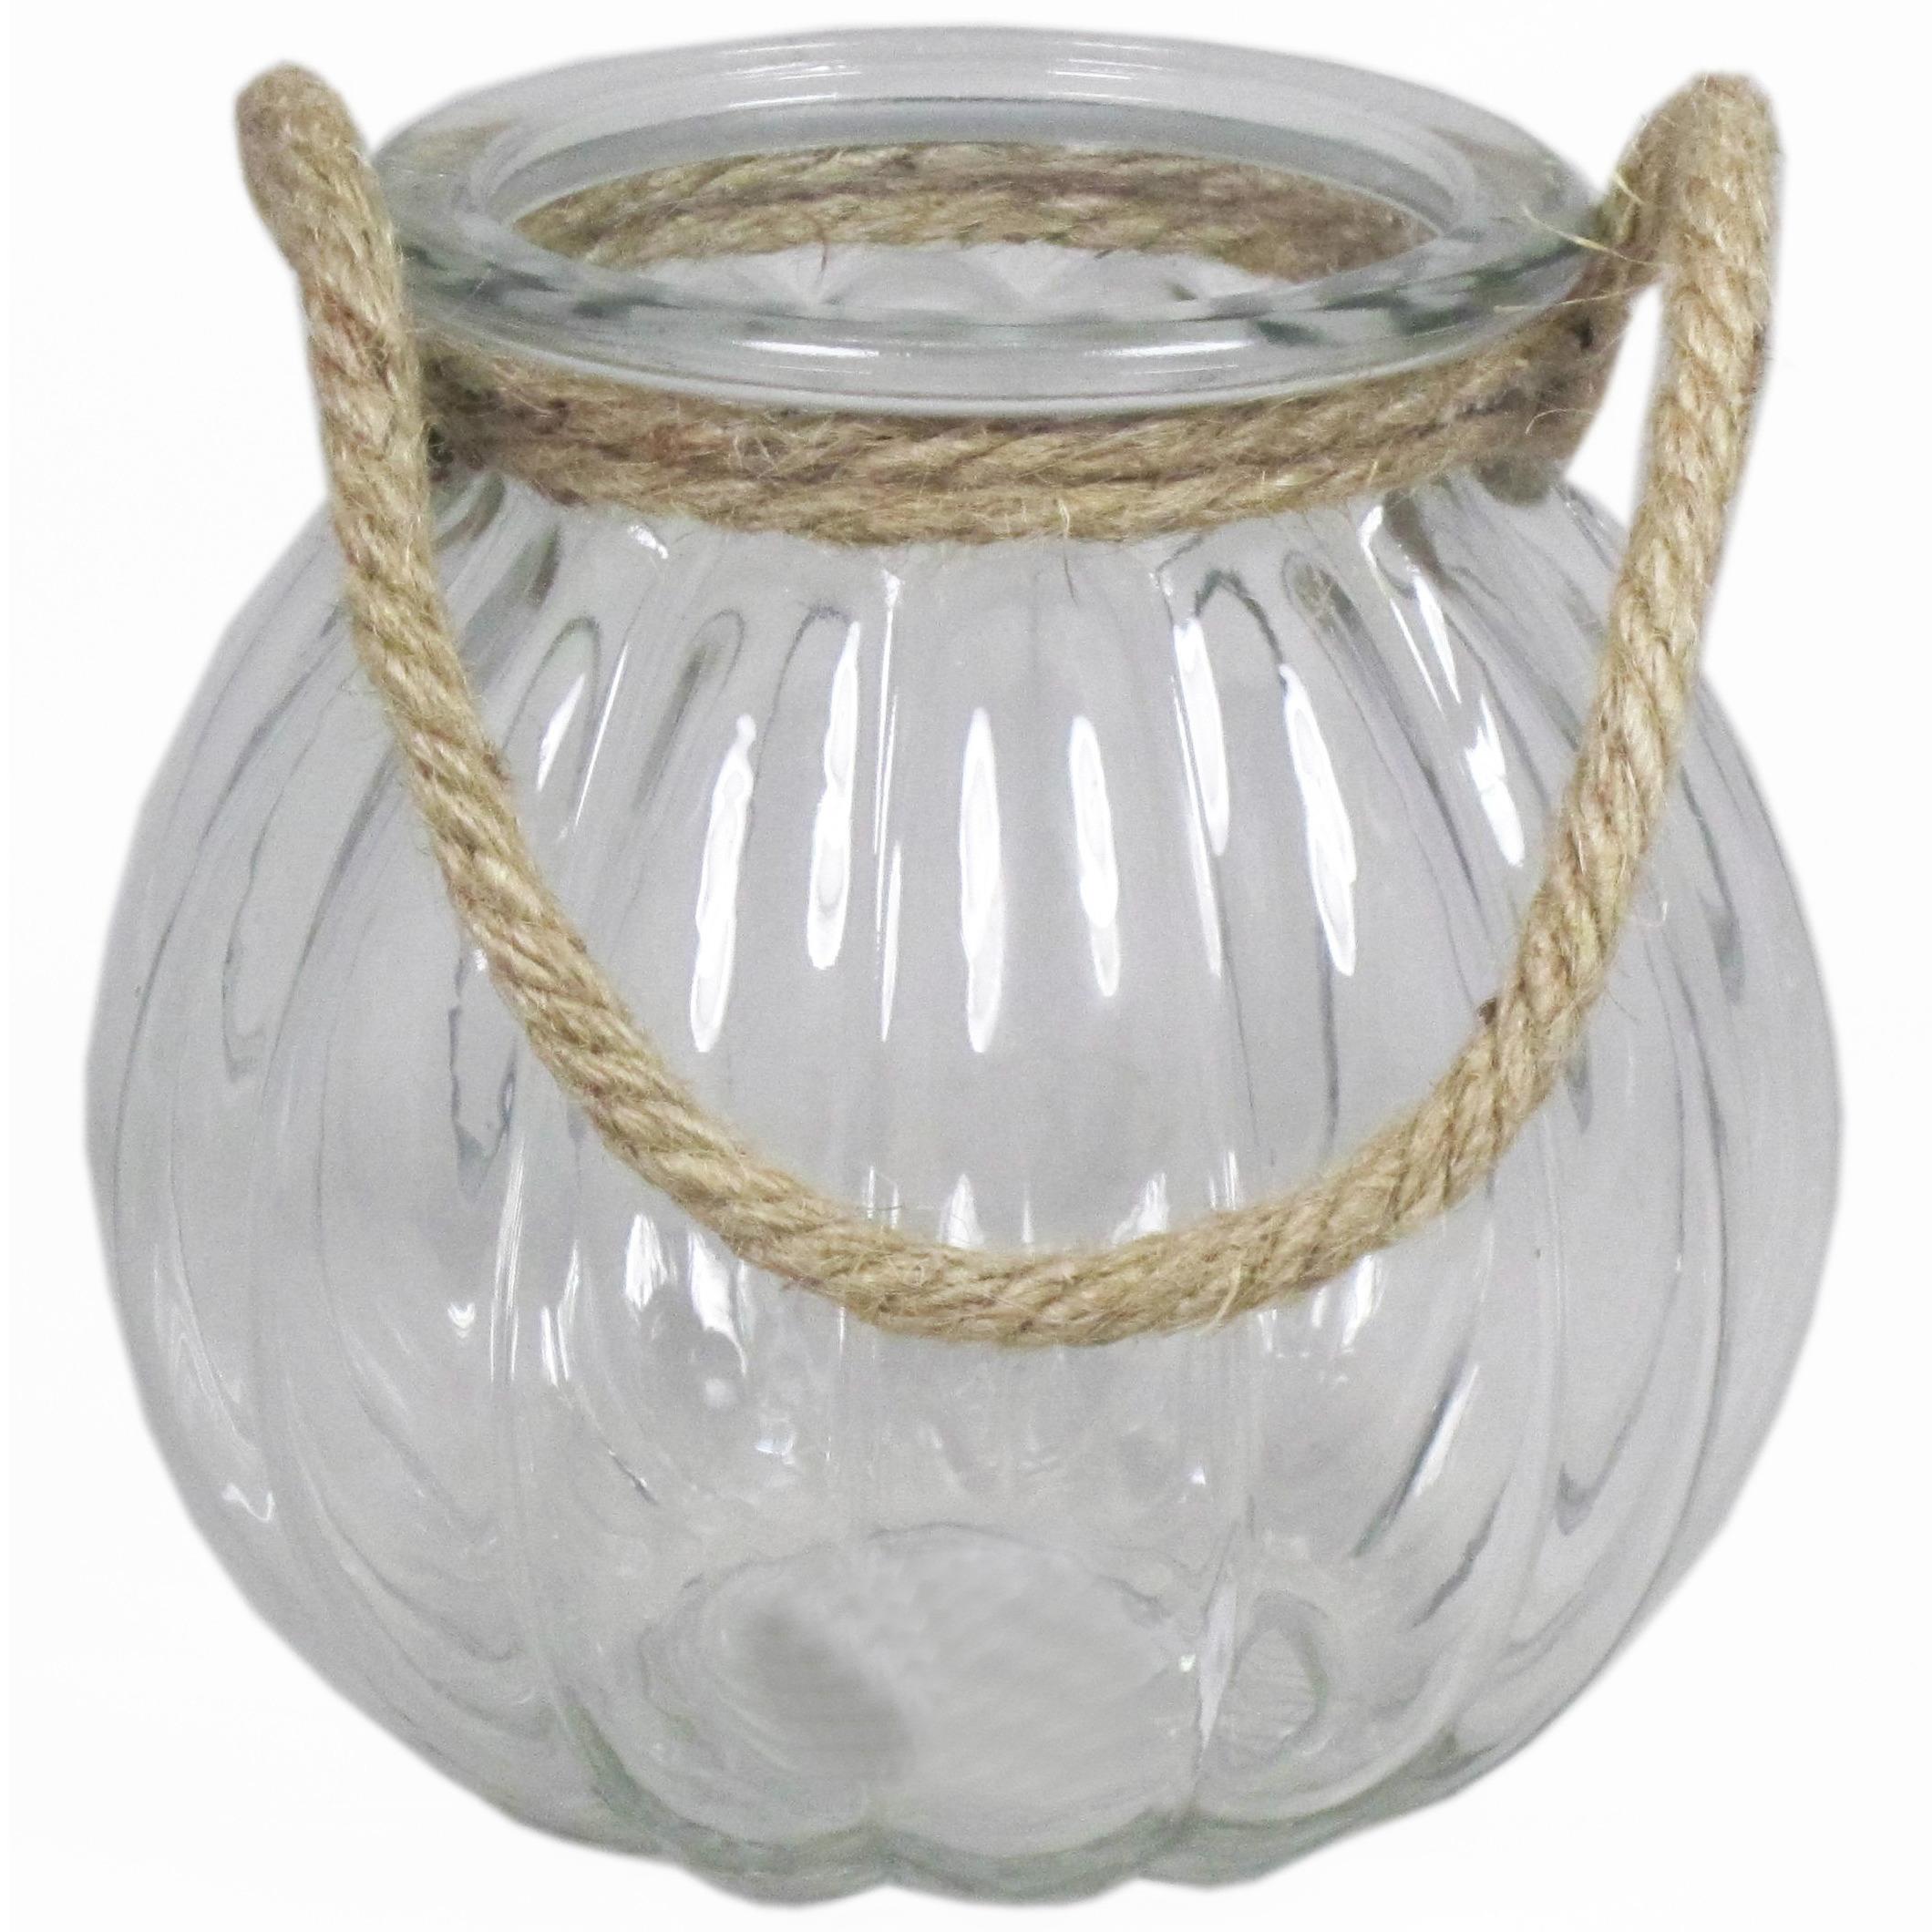 Glazen ronde windlicht 2 liter met touw hengsel-handvat 14,5 x 14,5 cm